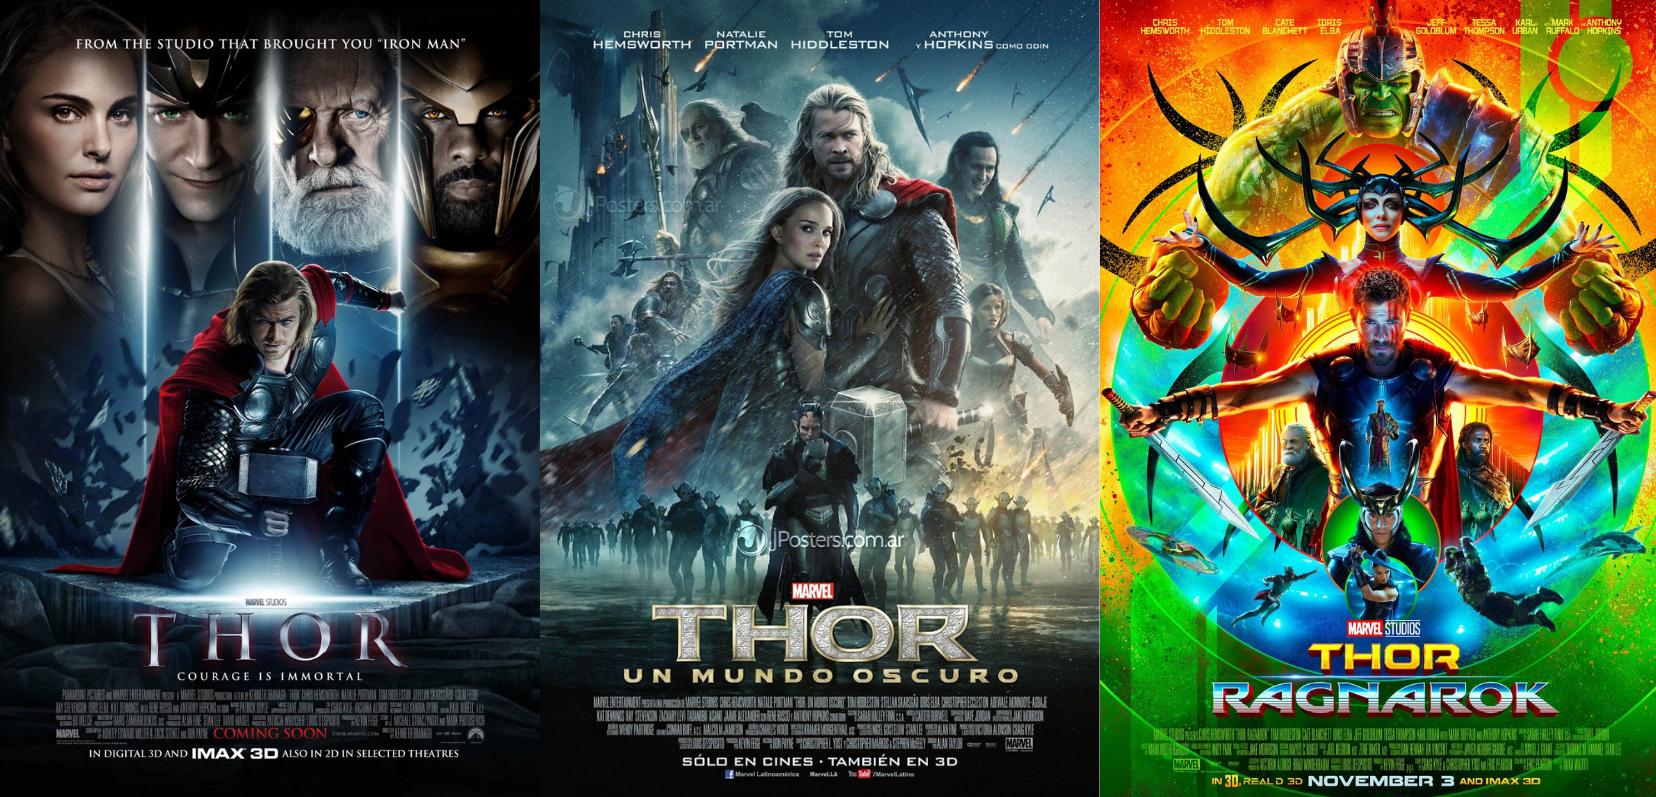 Qual a sequência de Thor?